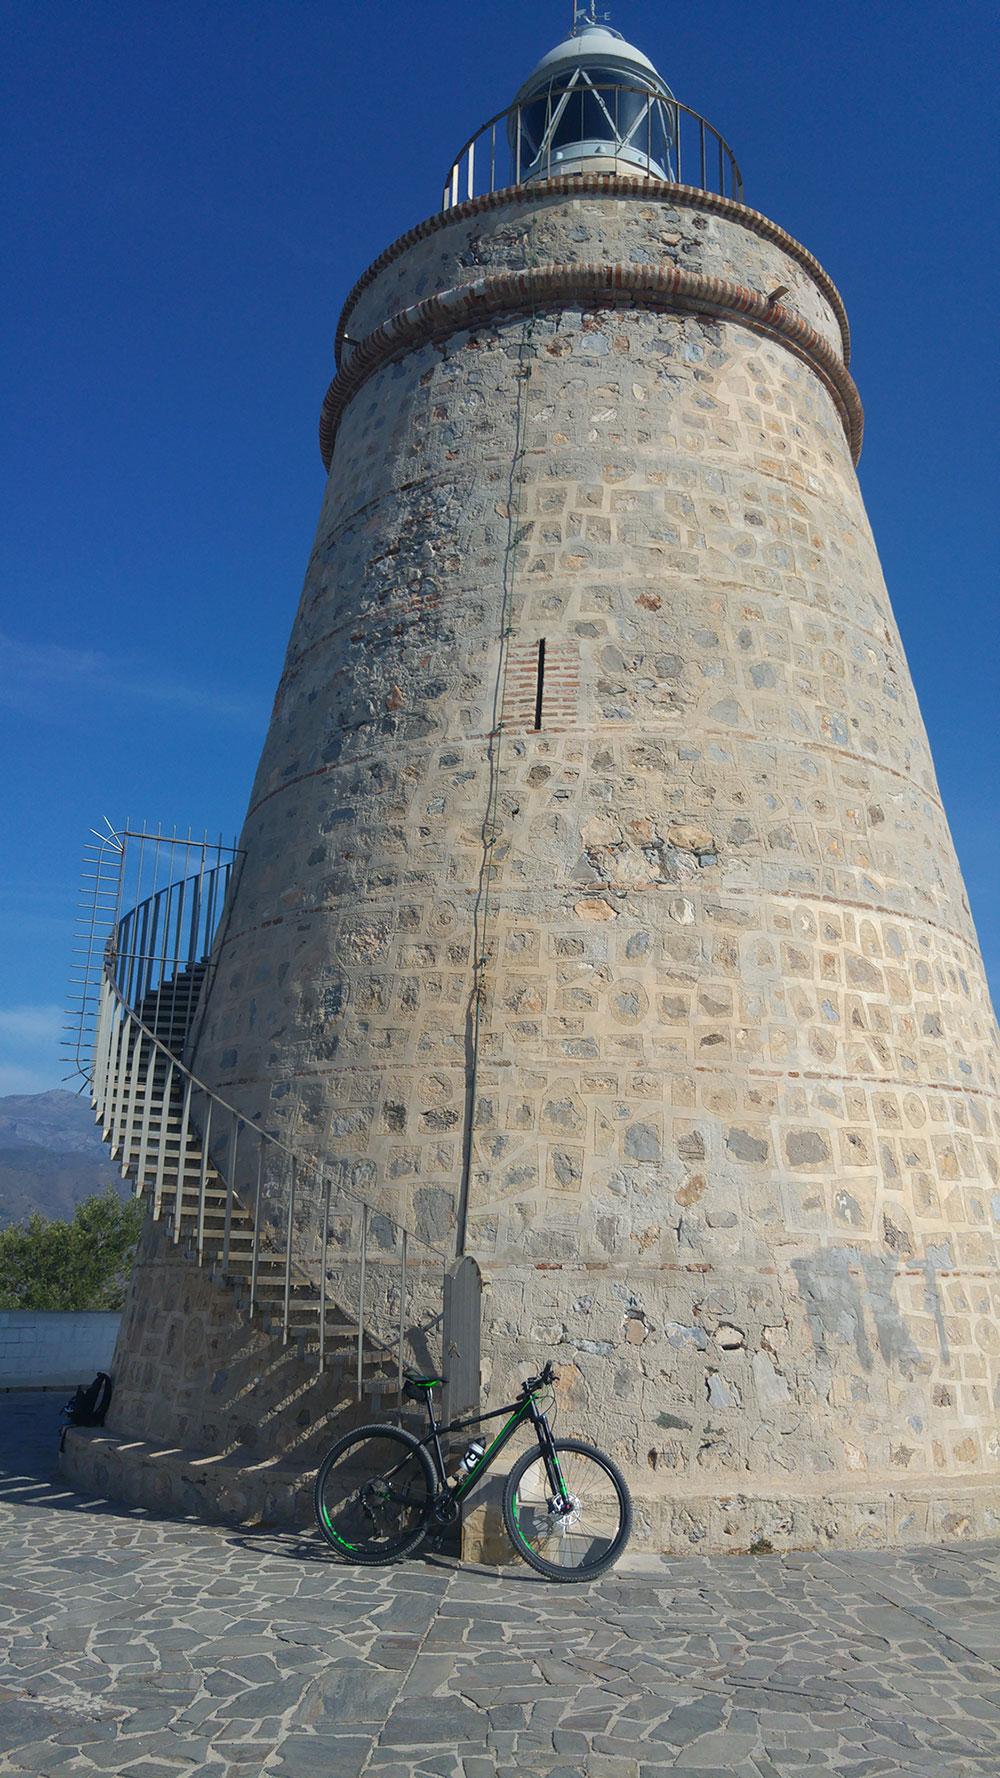 En TodoMountainBike: La foto del día en TodoMountainBike: 'Faro de Punta de la Mona'